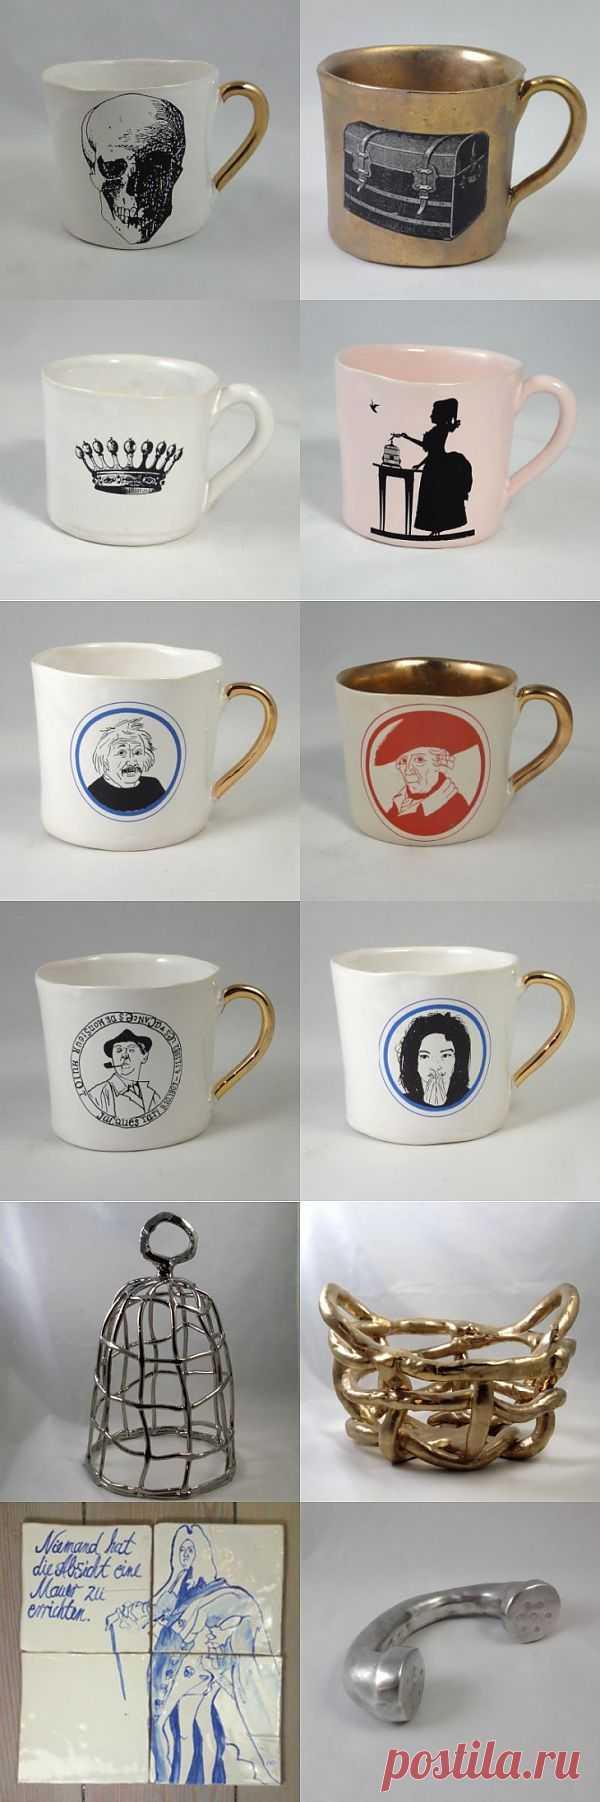 Kuehn Keramik - безумная керамика (трафик) / Сервировка стола / Модный сайт о стильной переделке одежды и интерьера